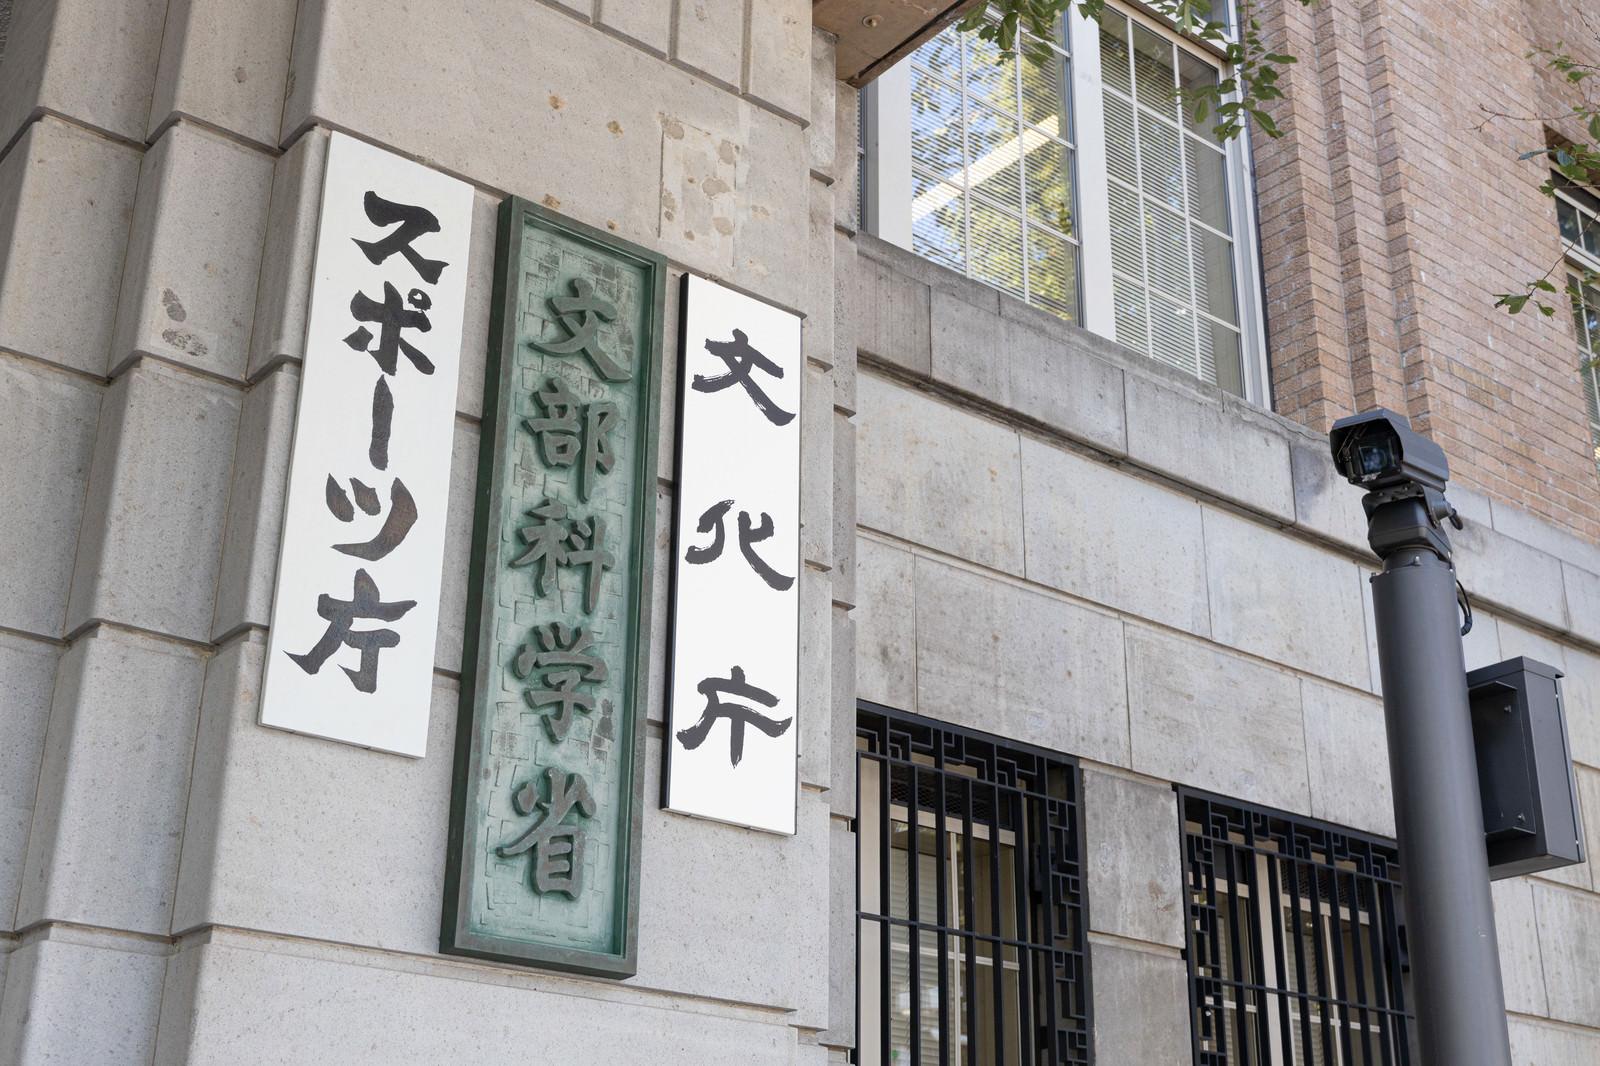 「スポーツ庁と文部科学省と文化庁の銘板」の写真